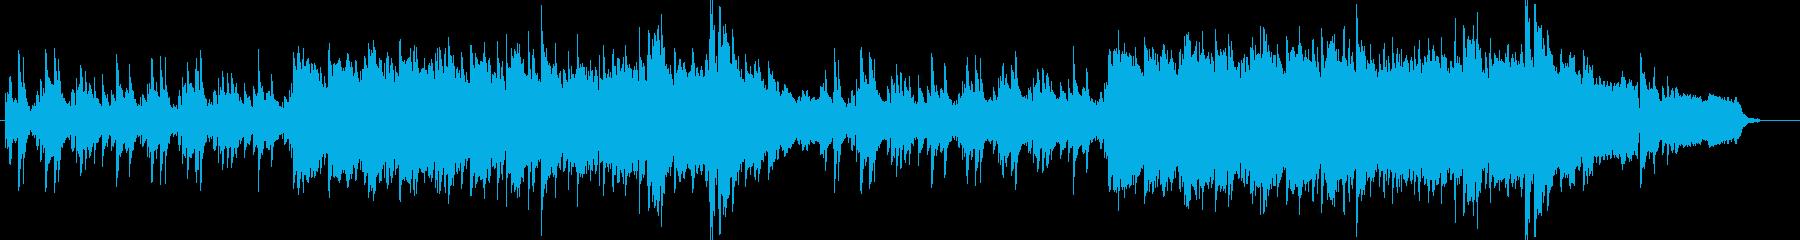 繊細で切なく美しいバラード曲の再生済みの波形